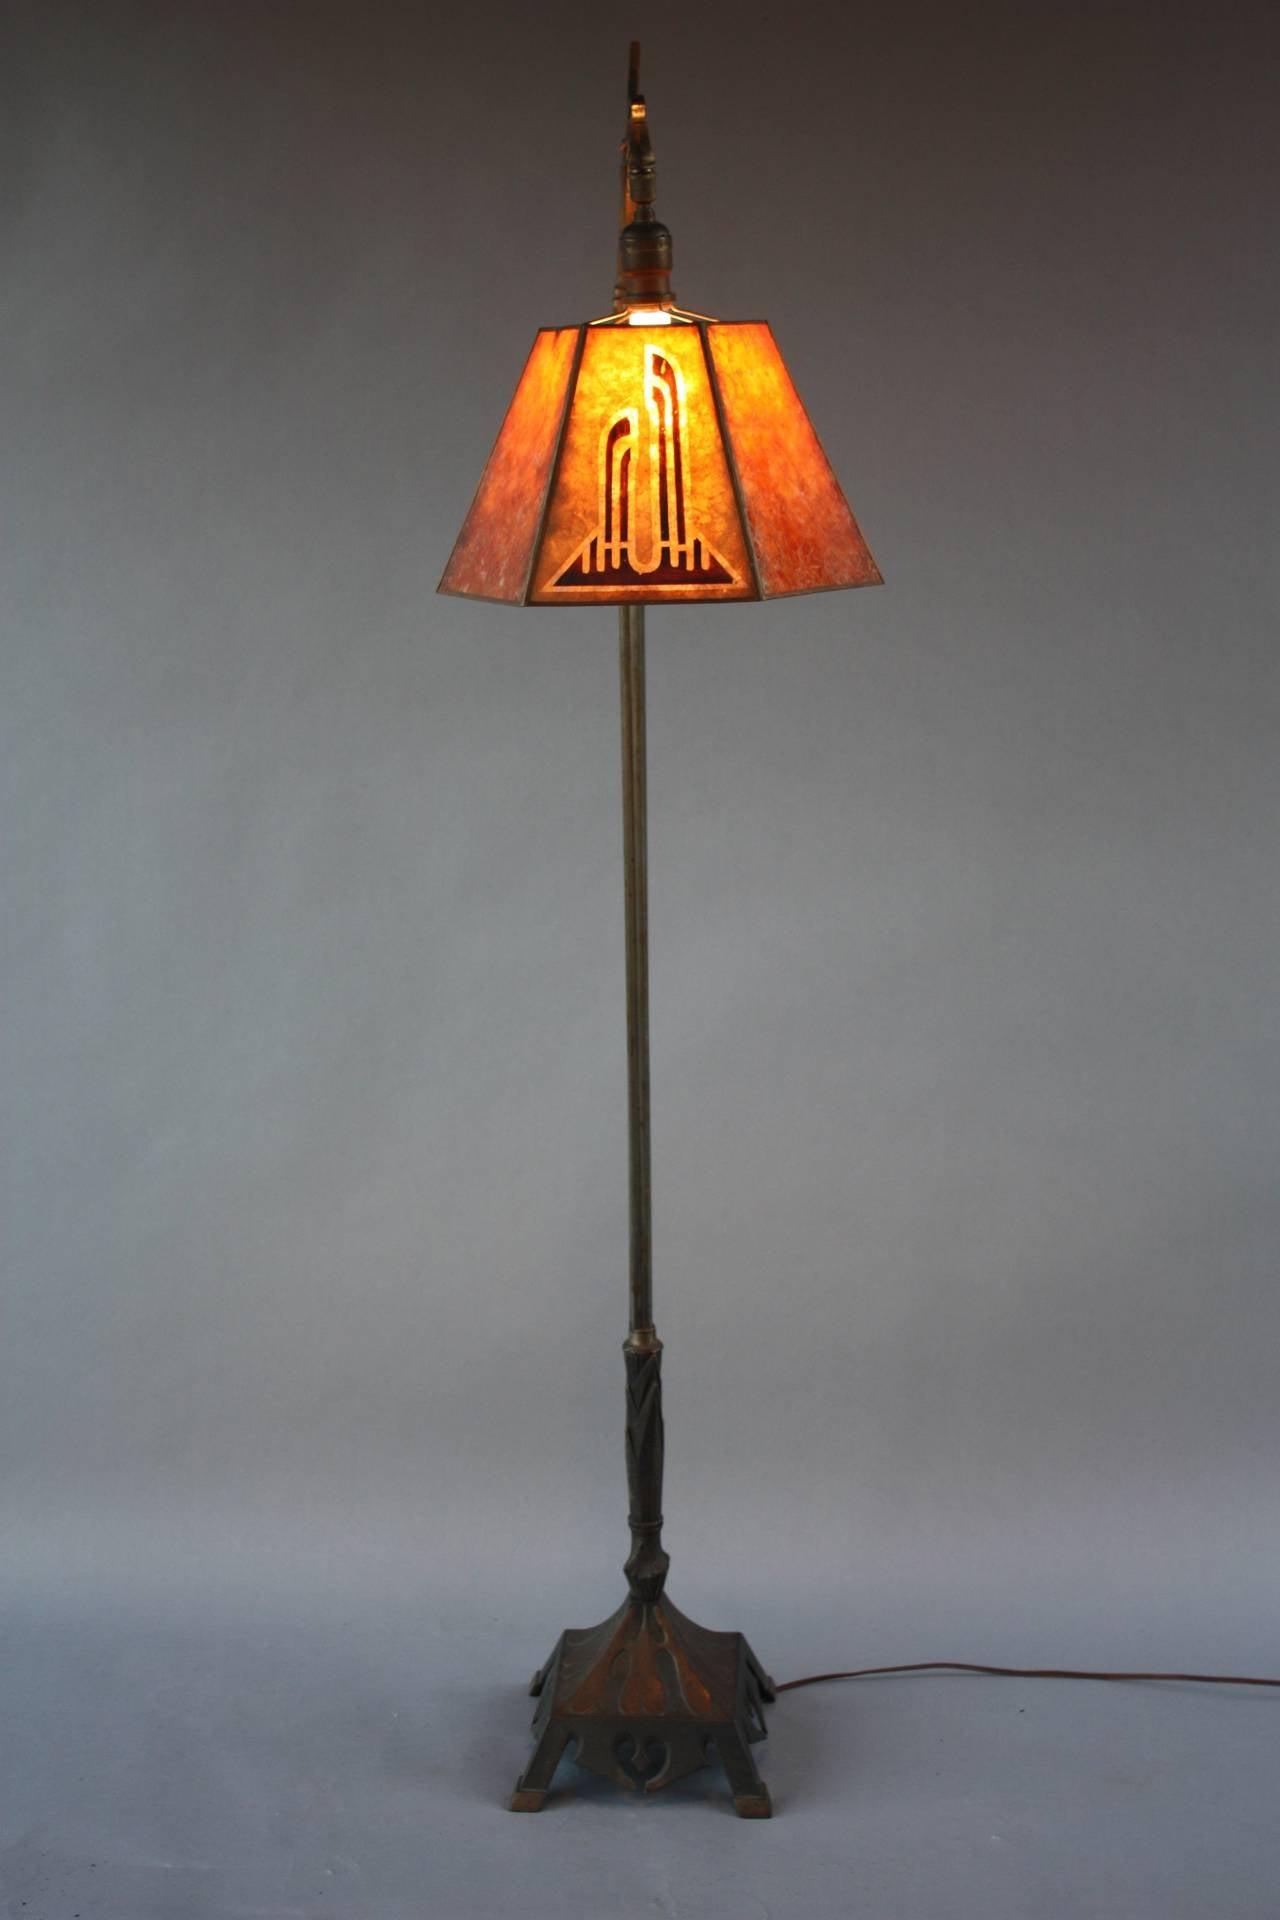 1920 S Bridge Lamp With Mica Shade At 1stdibs